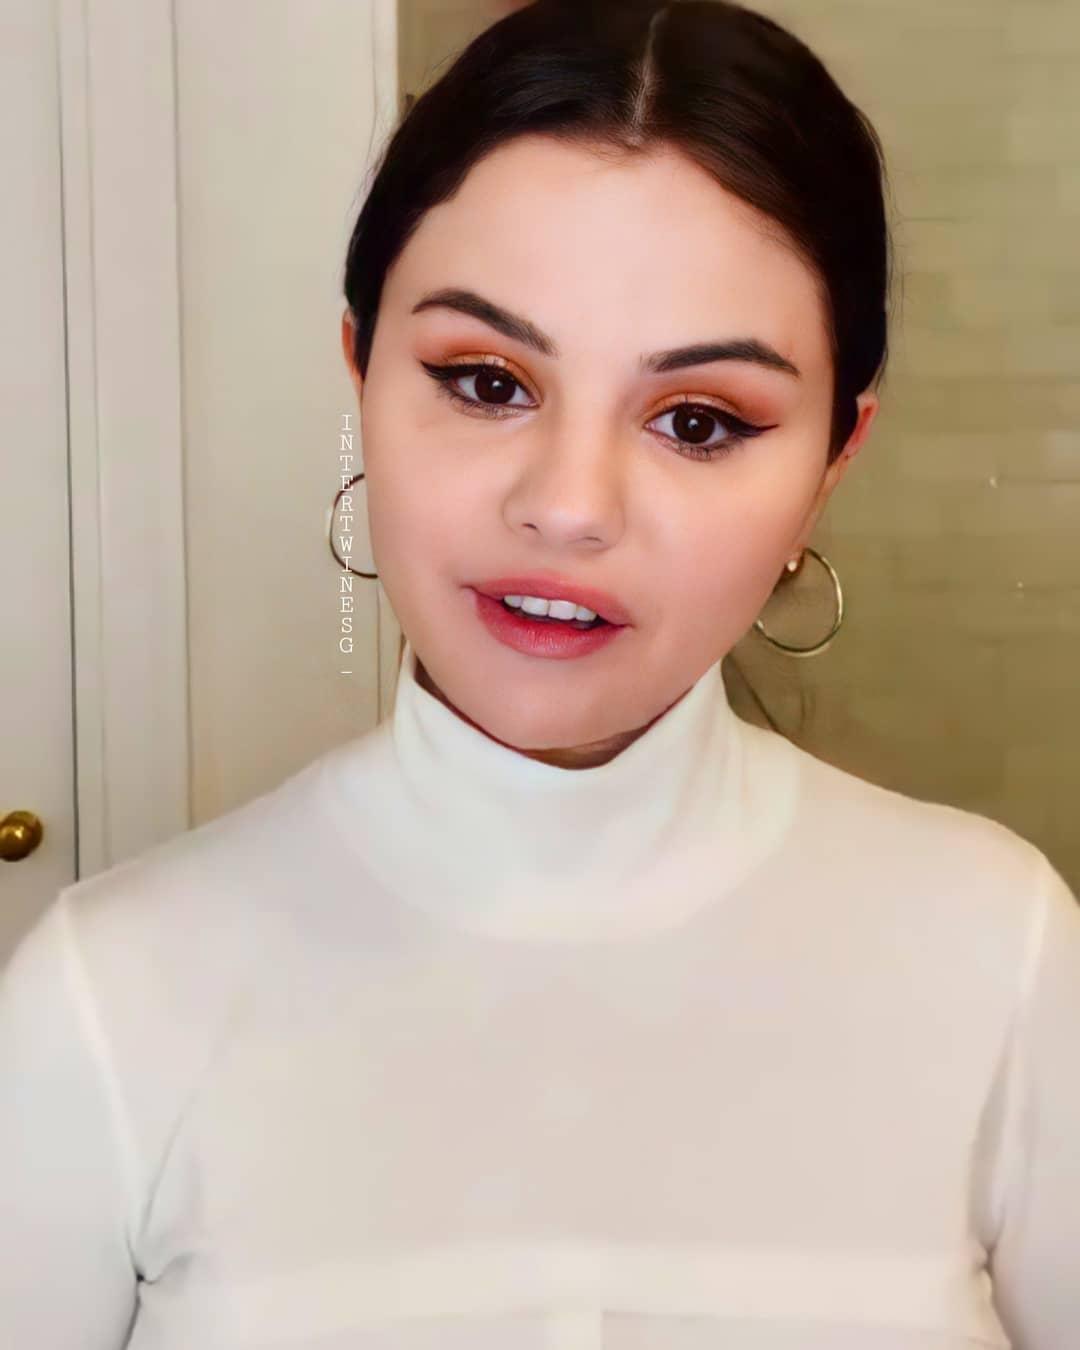 عکس هایی از ویدئو جدید سلنا برای Rare Beauty